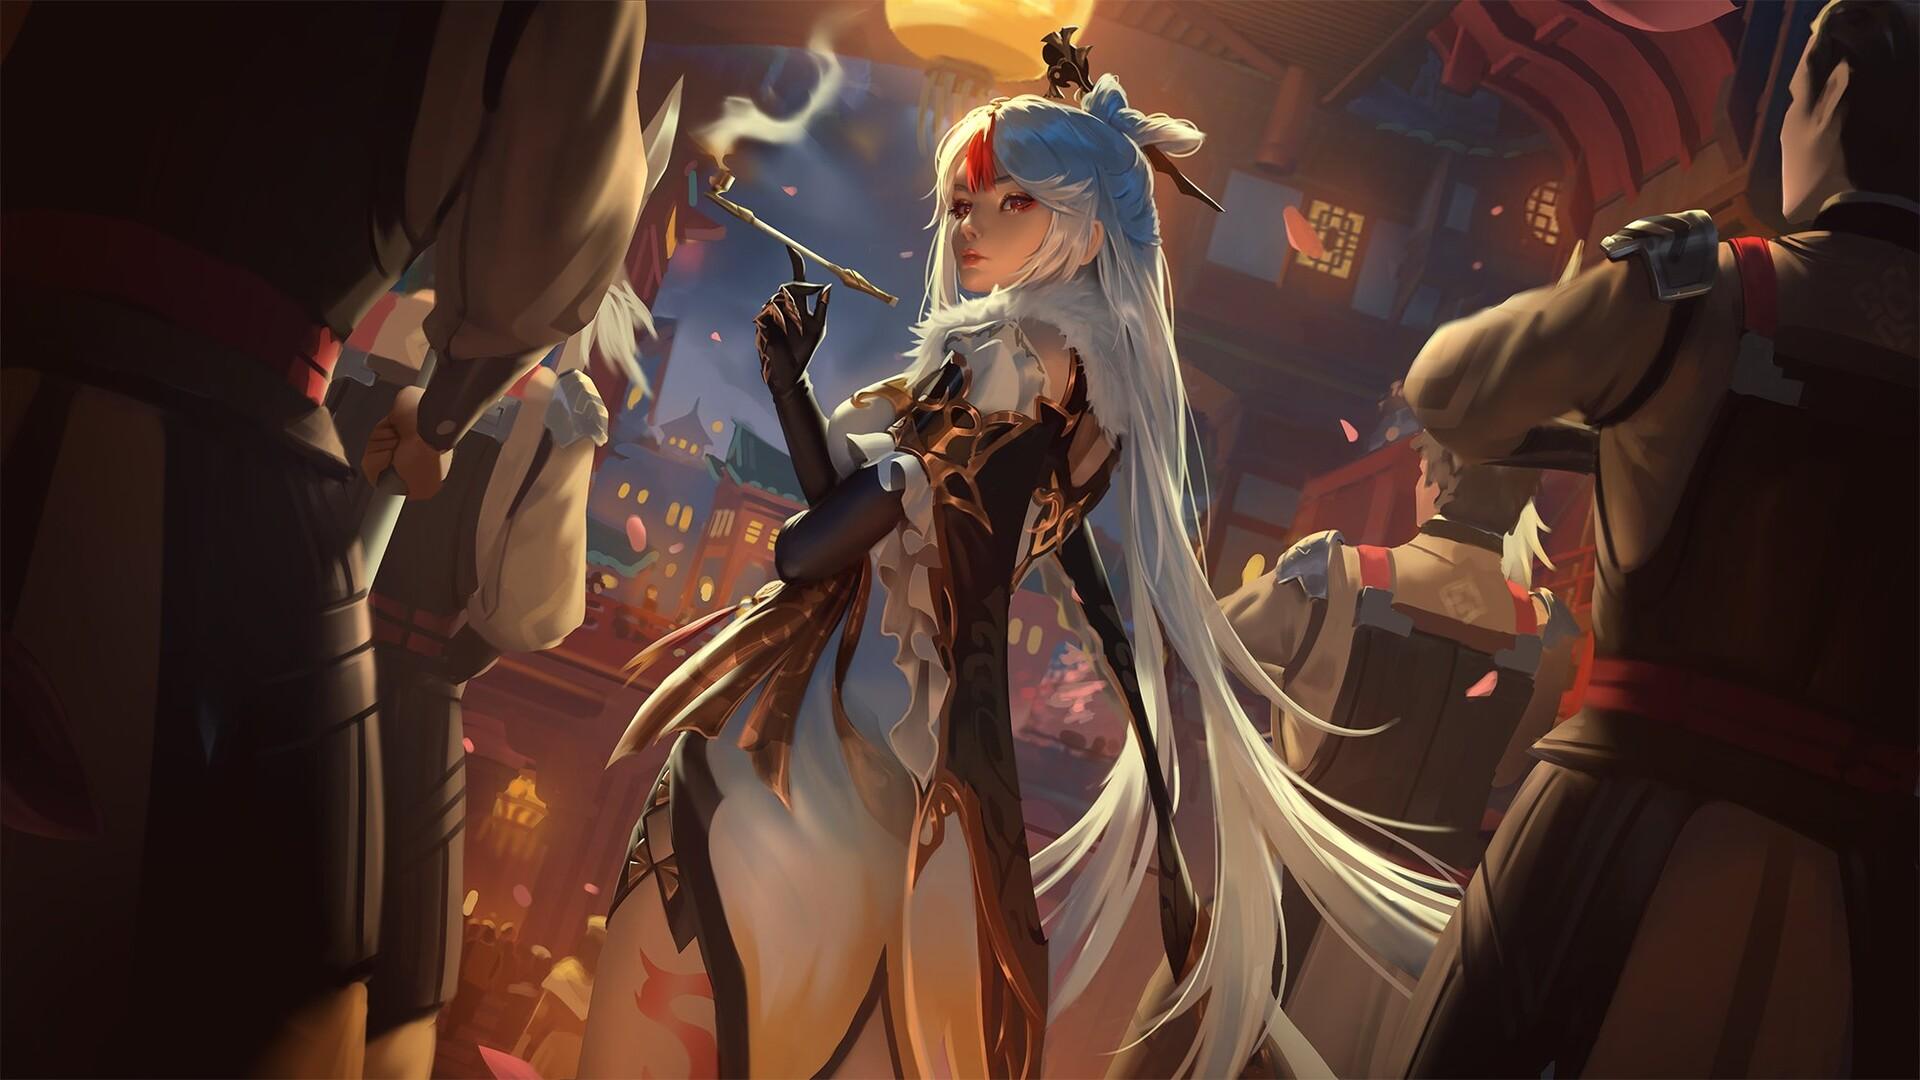 General 1920x1080 artwork fantasy art fantasy girl long hair standing red eyes ArtStation raikoart Genshin Impact Ningguang (Genshin Impact) white hair hairpin Chinese clothing gloves tattoo